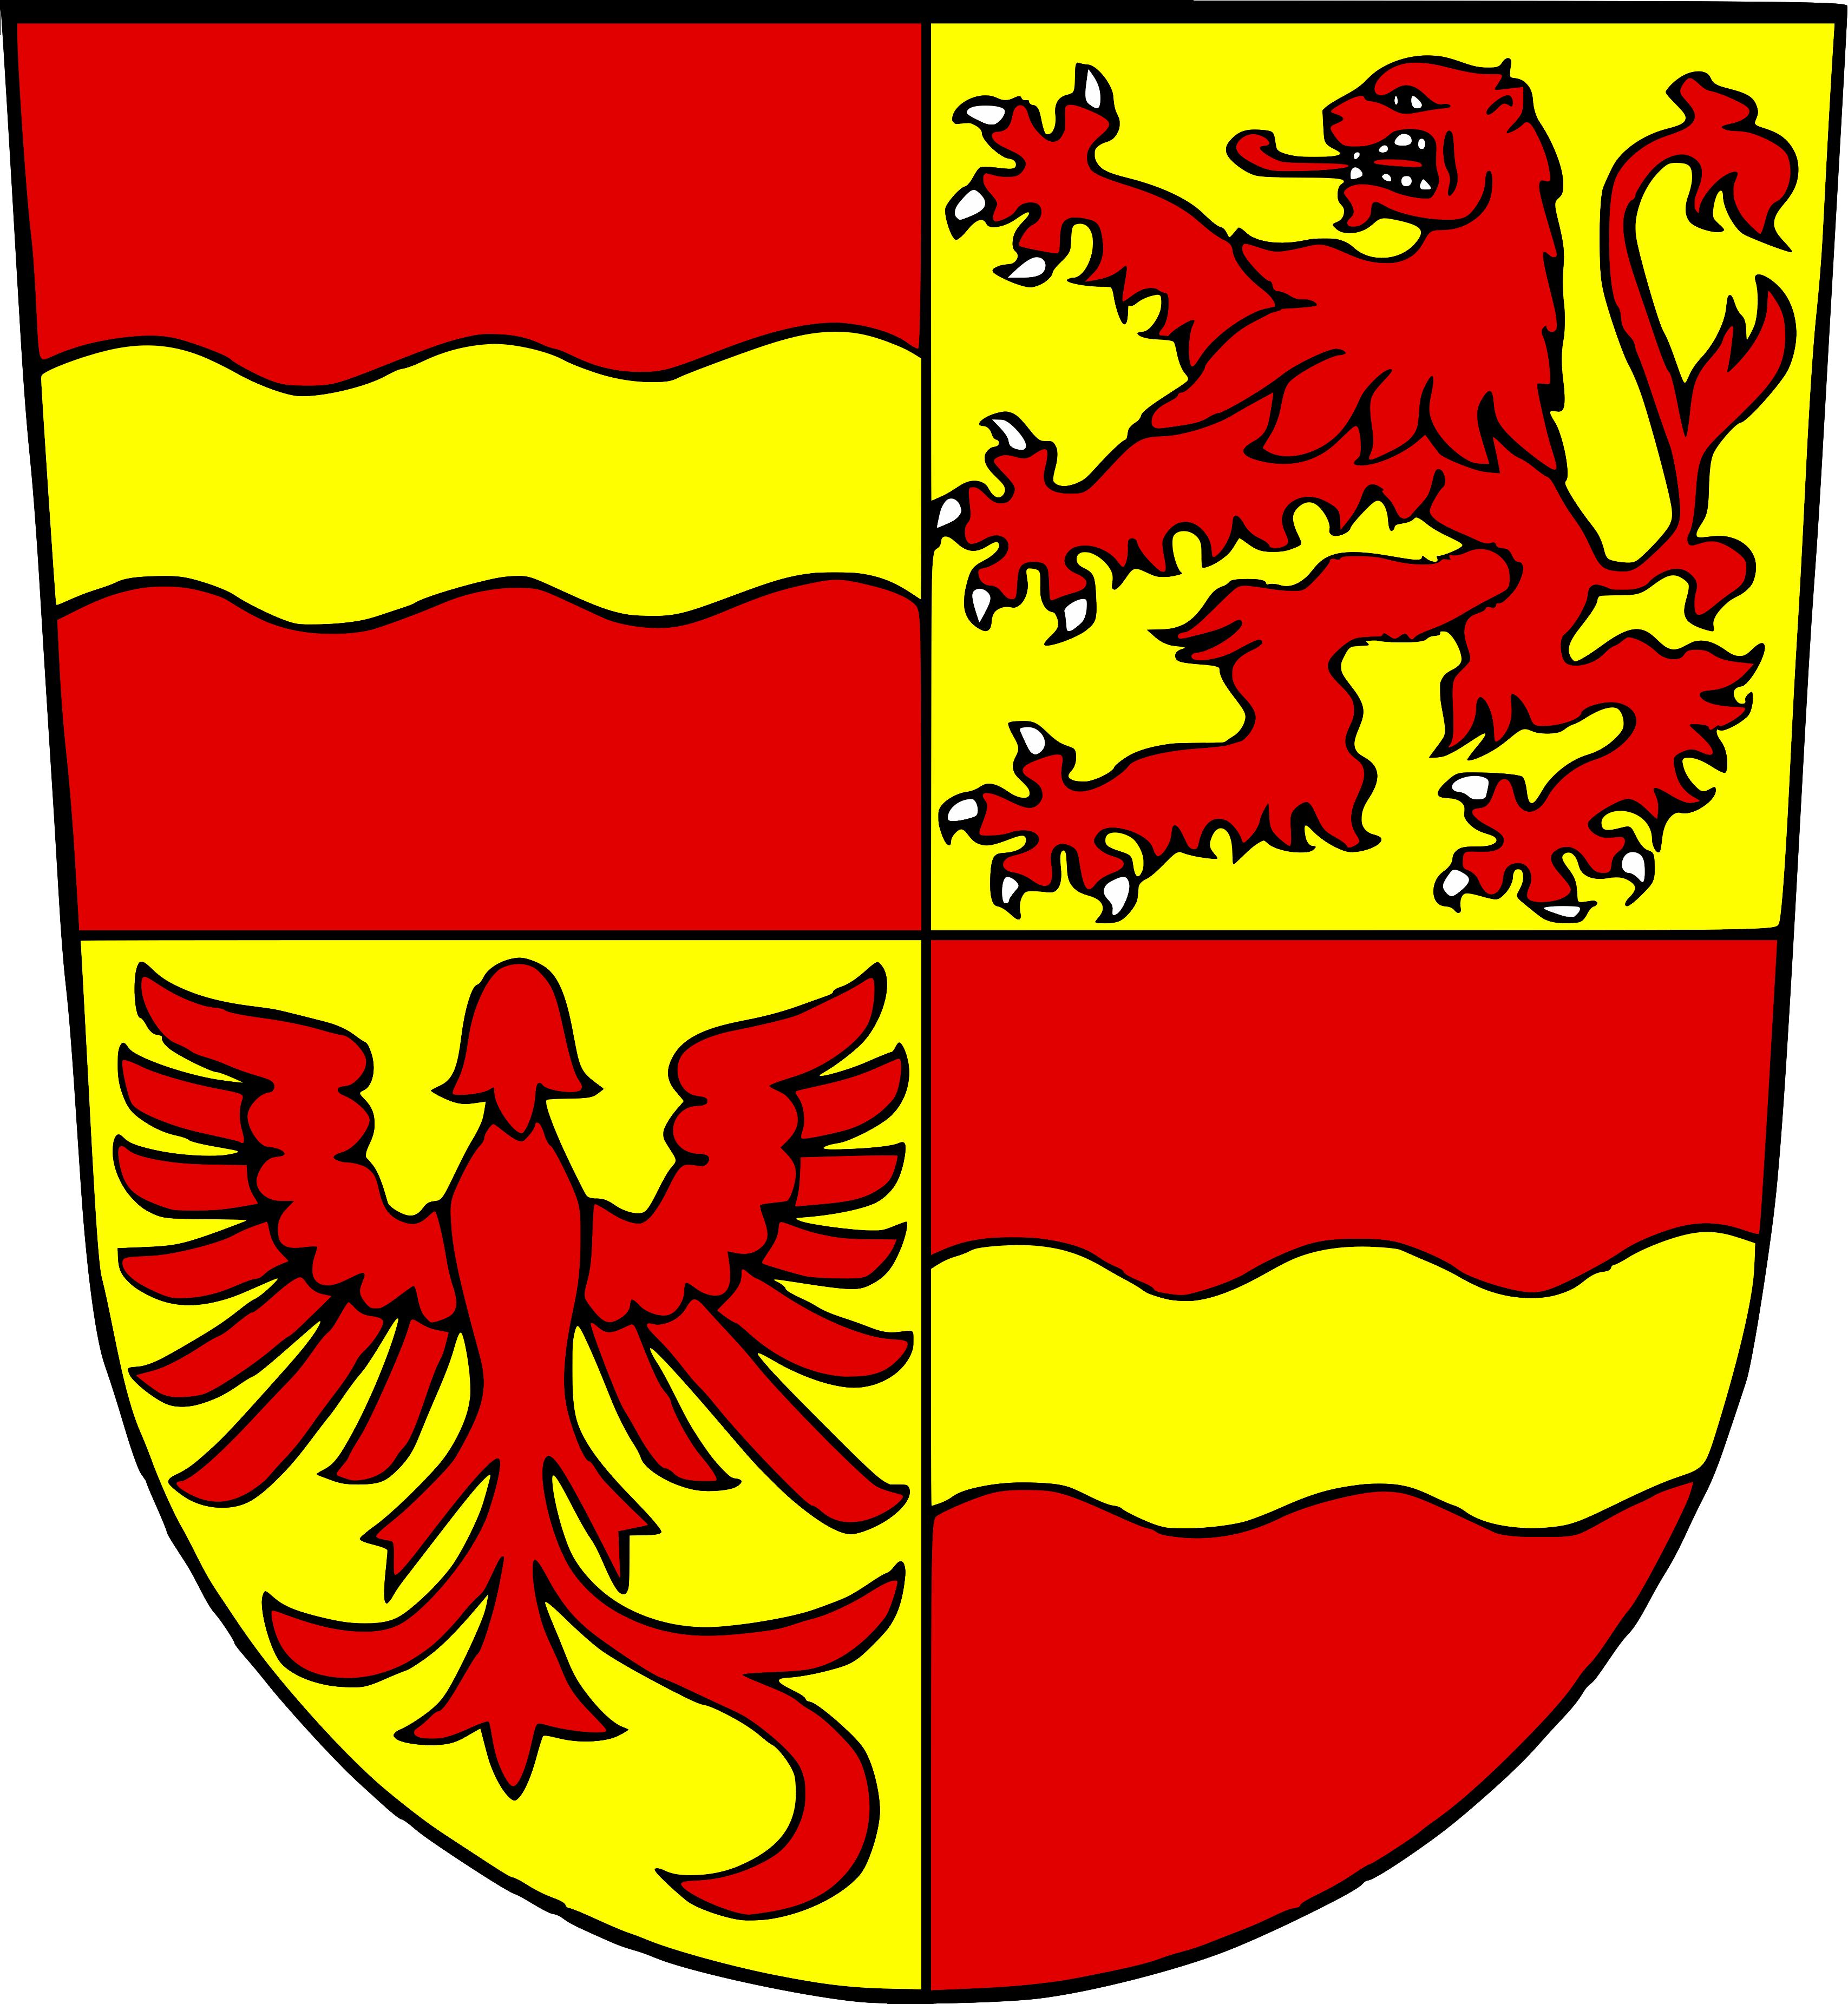 Wappen für den Ortsteil Herzlich Willkommen in Niedergailbach! - Gersheim